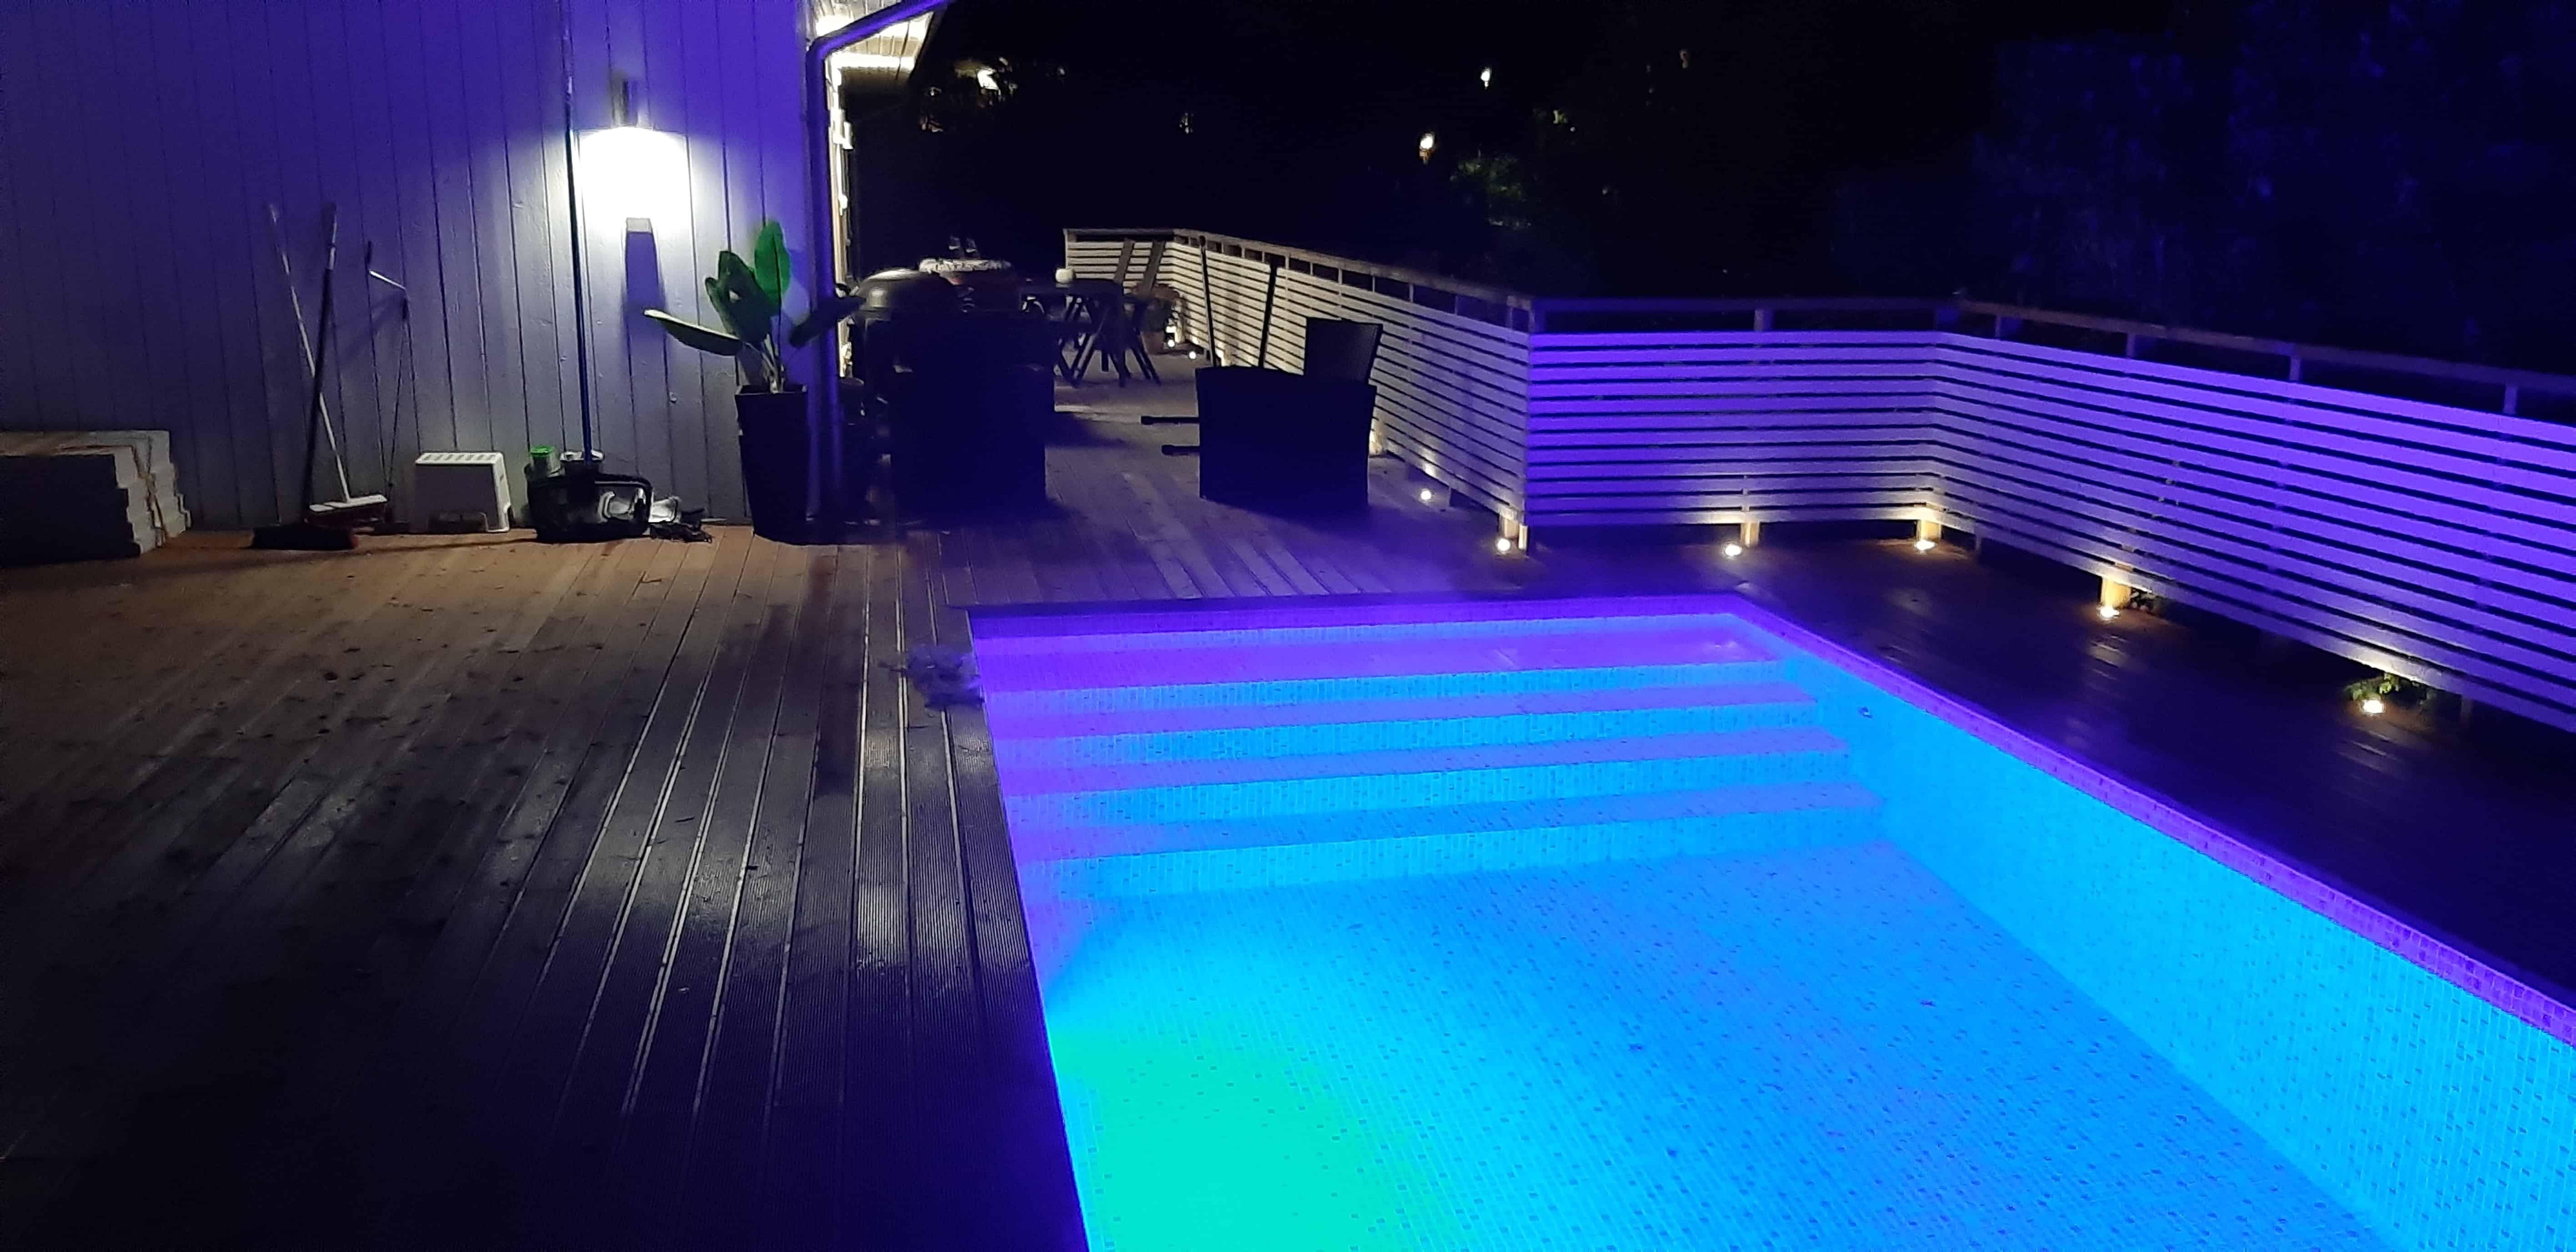 """Referensjobb """"Altanbygge runt pool, Huddinge """" utfört av Firma: DRAKENBORN, SVEN"""